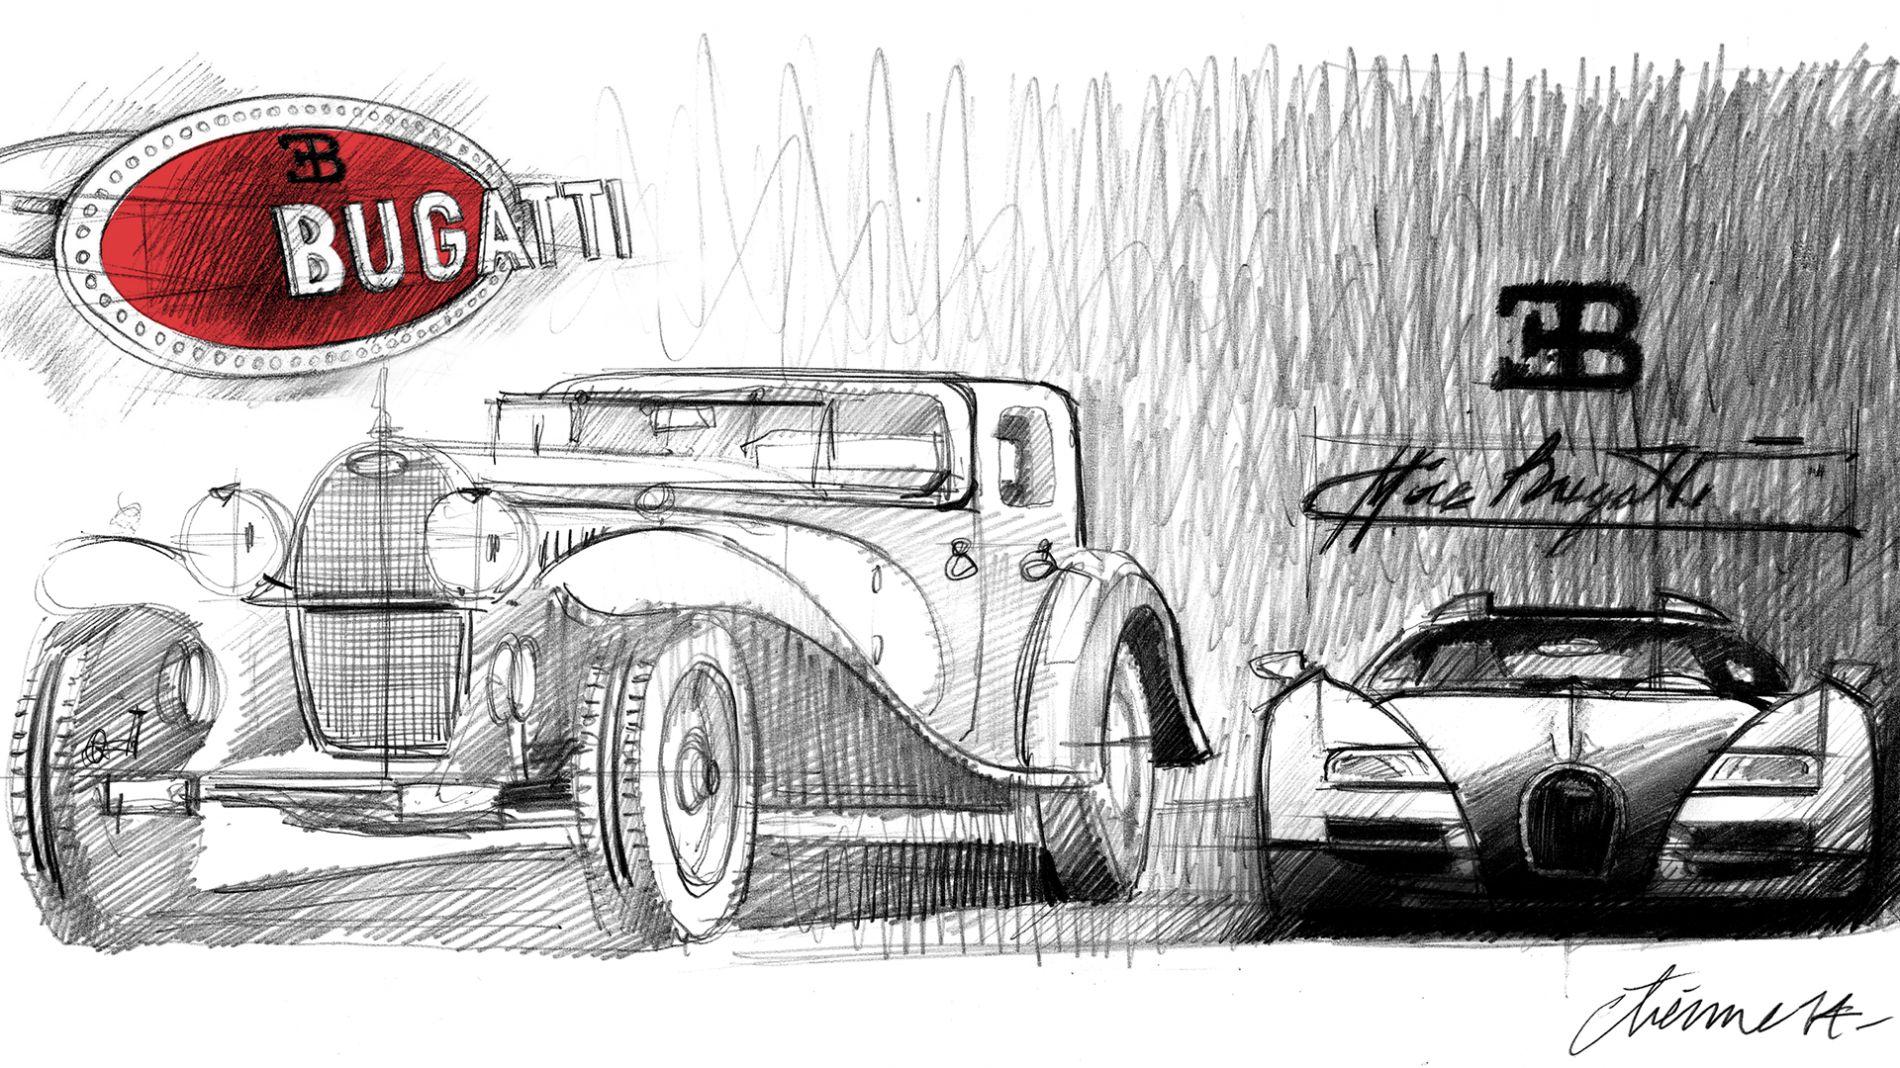 7 უცნობი ფაქტი Bugatti-ის ლოგოს შესახებ